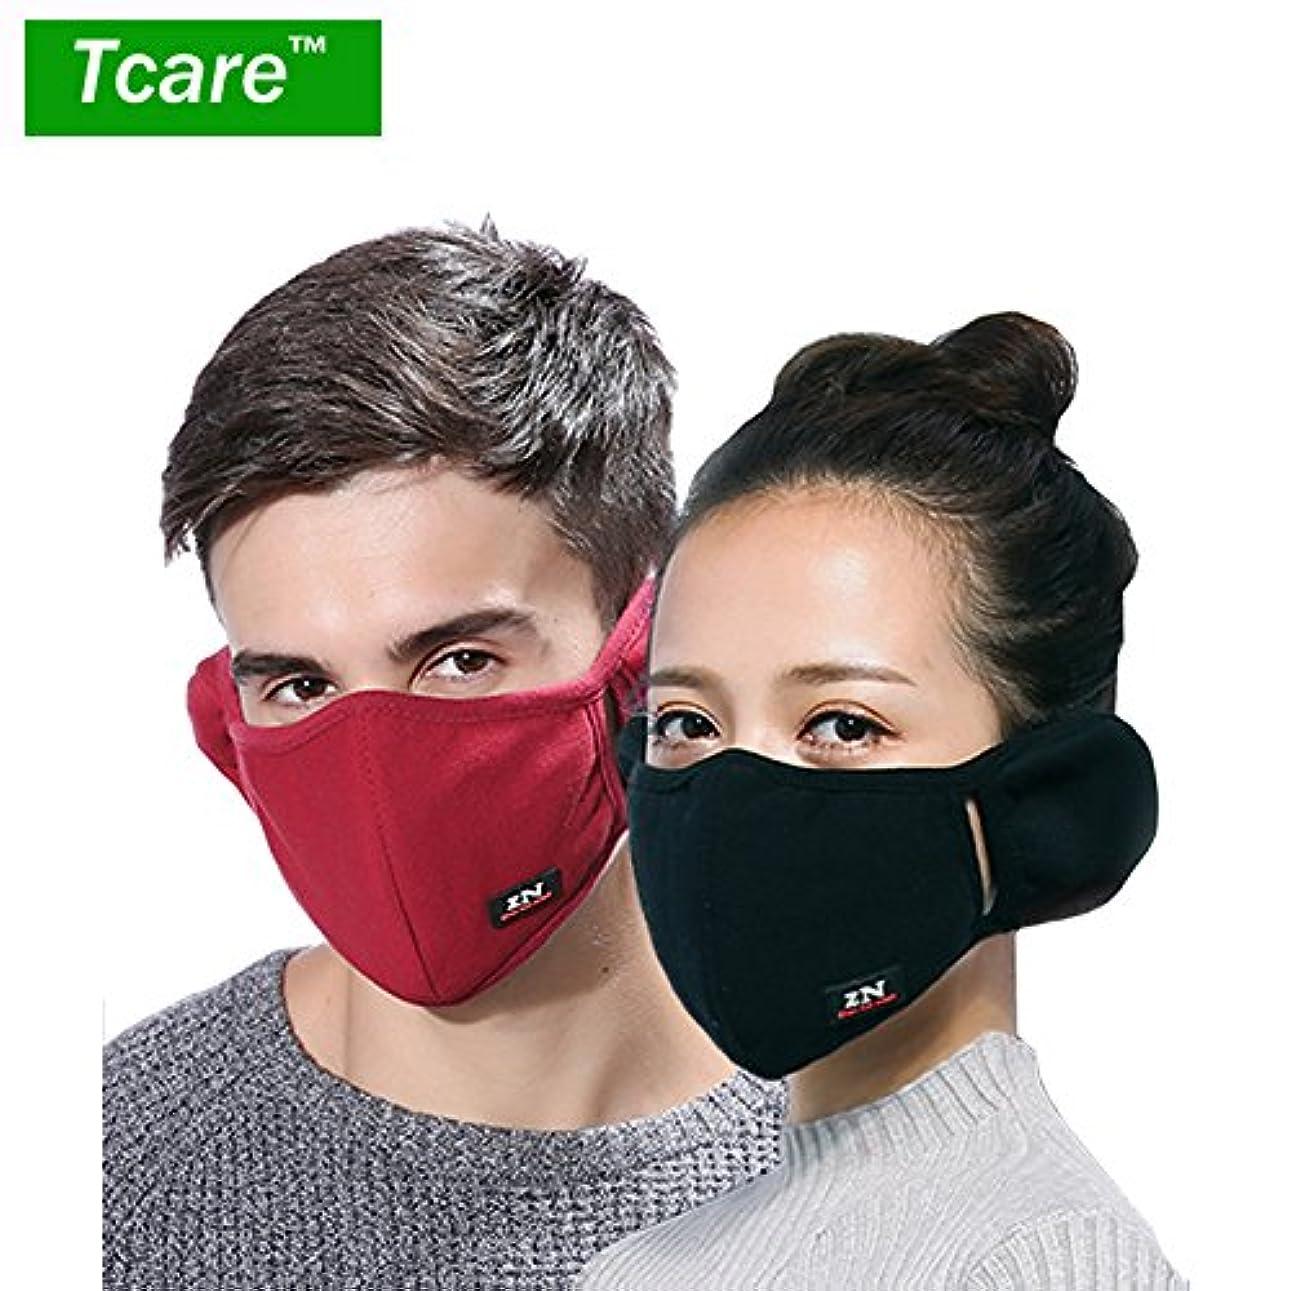 バンドル苗人柄男性女性の少年少女のためのTcare呼吸器2レイヤピュアコットン保護フィルター挿入口:7ブラック